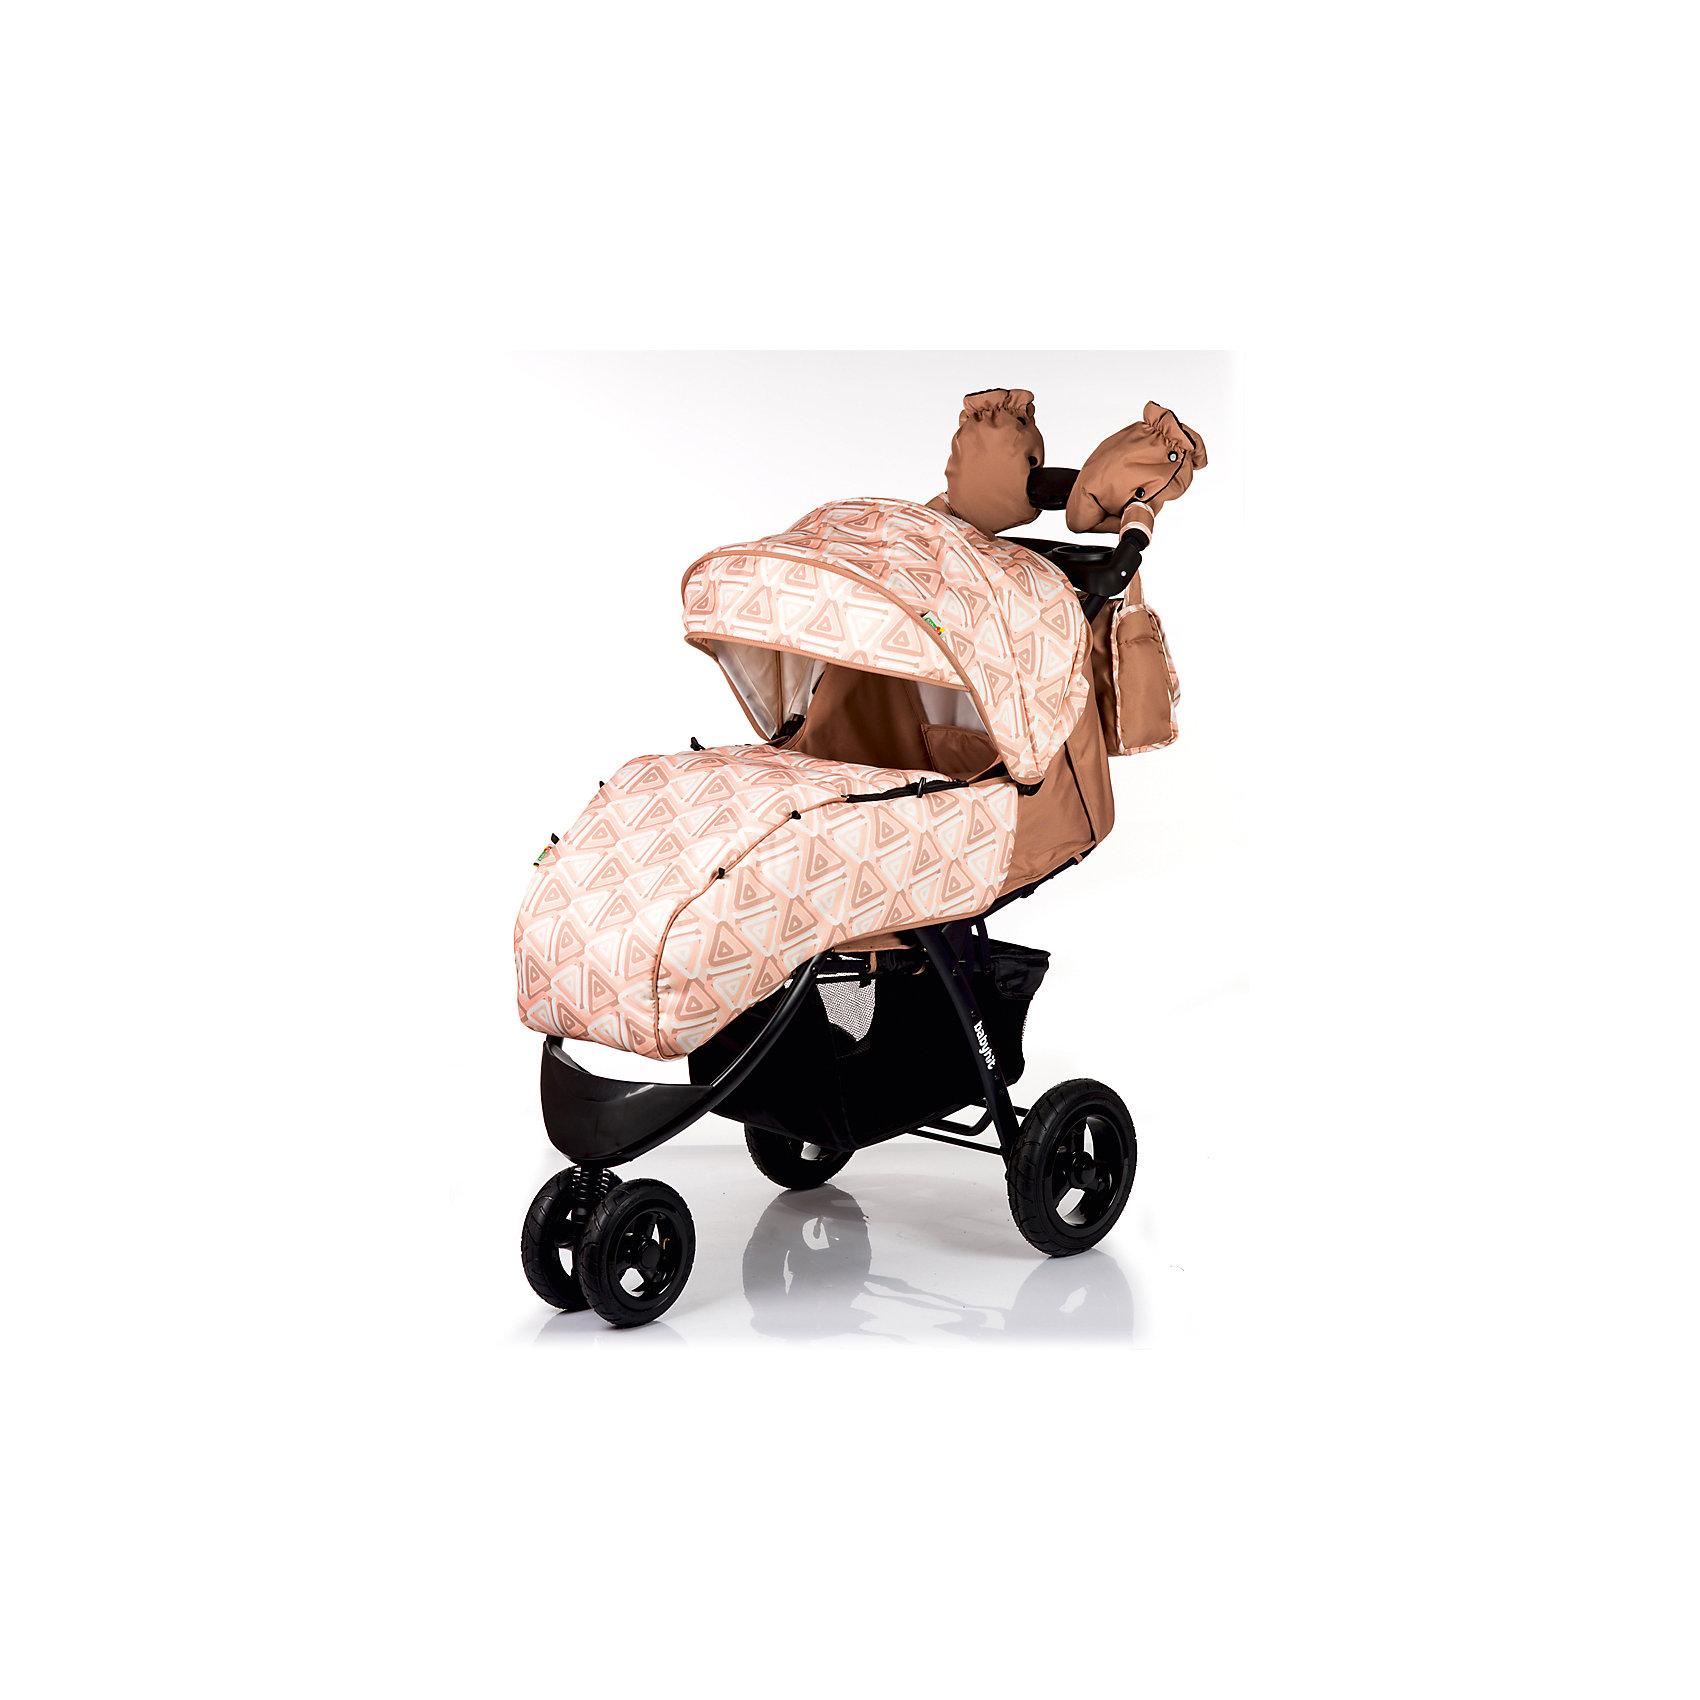 Прогулочная коляска BabyHit VOYAGE AIR, бежевыйПрогулочные коляски<br>Характеристики коляски<br><br>Прогулочный блок:<br><br>• горизонтальное положение спинки, угол наклона 170 градусов;<br>• подножка регулируется и удлиняет спальное место;<br>• 5-ти точечные ремни безопасности;<br>• съемный защитный бампер с паховым ограничителем;<br>• столик с подстаканниками и бардачком на ручке;<br>• капюшон-батискаф, опускается до бамера;<br>• калюшон оснащен солнцезащитным козырьком и смотровым окошком;<br>• пластиковая подножка для подросшего малыша;<br>• материал: пластик, полиэстер;<br>• длина спального места: 89 см;<br>• ширина сиденья: 34 см<br>• высота спинки: 40 см;<br>• глубина сиденья: 25 см.<br><br>Рама коляски:<br><br>• коляска складывается вместе с прогулочным блоком по типу книжки;<br>• легко складывается одной рукой;<br>• коляска в сложенном виде стоит в вертикальном положении;<br>• имеется корзина для покупок;<br>• 3-х колесная коляска;<br>• колеса надувные;<br>• плавающее переднее колесо с фиксаторами;<br>• задние надувные колеса;<br>• диаметр колес: 19,5 см, 26 см;<br>• материал колес: псевдорезина;<br>• материал рамы: алюминий.<br><br>Размер коляски: 103х57х108 см<br>Размер коляски в сложенном виде: 100х57х34 см<br>Вес коляски: 13,1 кг<br>Размер упаковки: 51х48х30 см<br>Вес в упаковке: 16,8 кг<br><br>Дополнительные аксессуары, входящие в комплект:<br><br>• чехол на ножки;<br>• дождевик;<br>• москитная сетка;<br>• сумка для мамы;<br>• муфта для рук;<br>• инструкция.<br><br>Прогулочную коляску VOYAGE AIR, Babyhit, бежевую можно купить в нашем интернет-магазине.<br><br>Ширина мм: 480<br>Глубина мм: 300<br>Высота мм: 510<br>Вес г: 16850<br>Возраст от месяцев: 7<br>Возраст до месяцев: 36<br>Пол: Унисекс<br>Возраст: Детский<br>SKU: 5500318